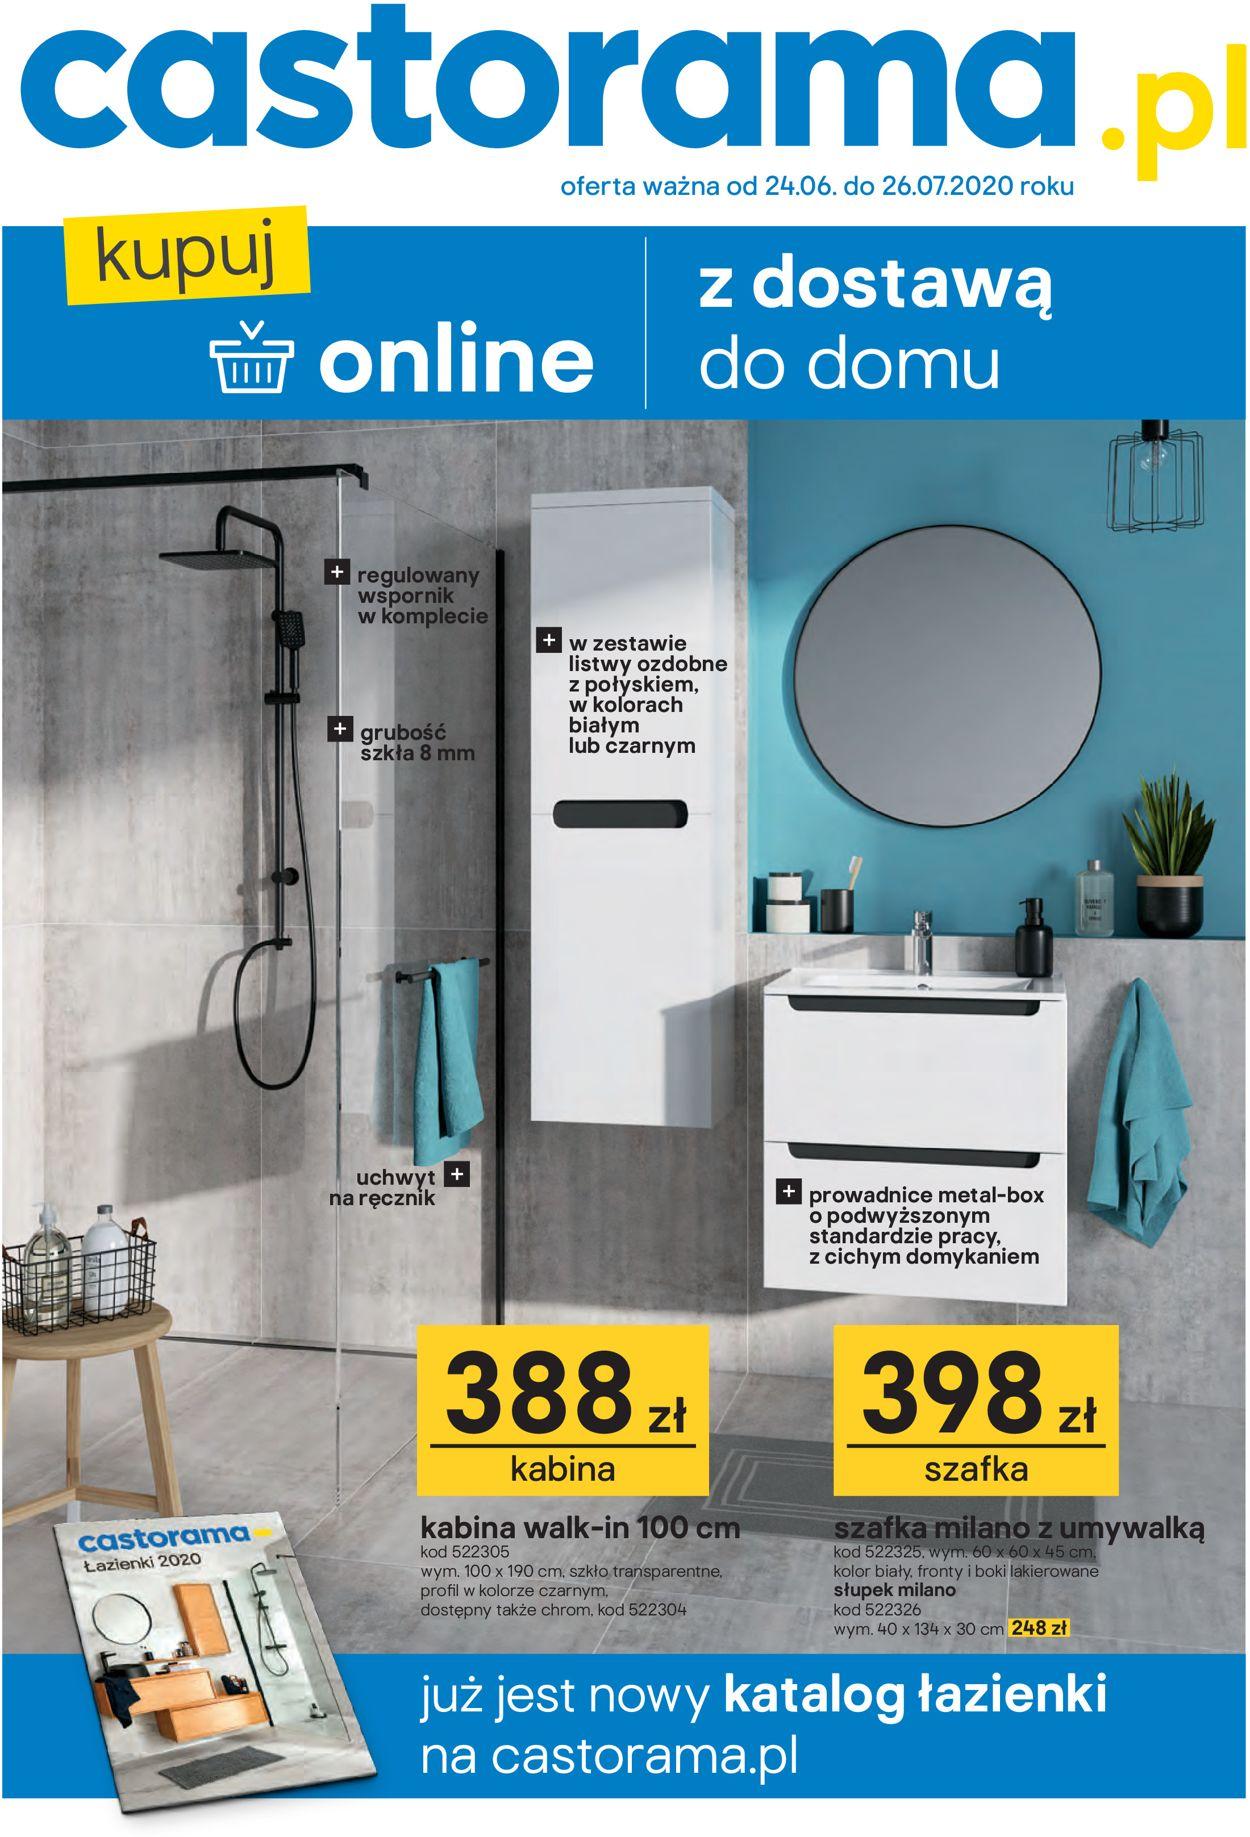 Gazetka promocyjna Castorama - 24.06-26.07.2020